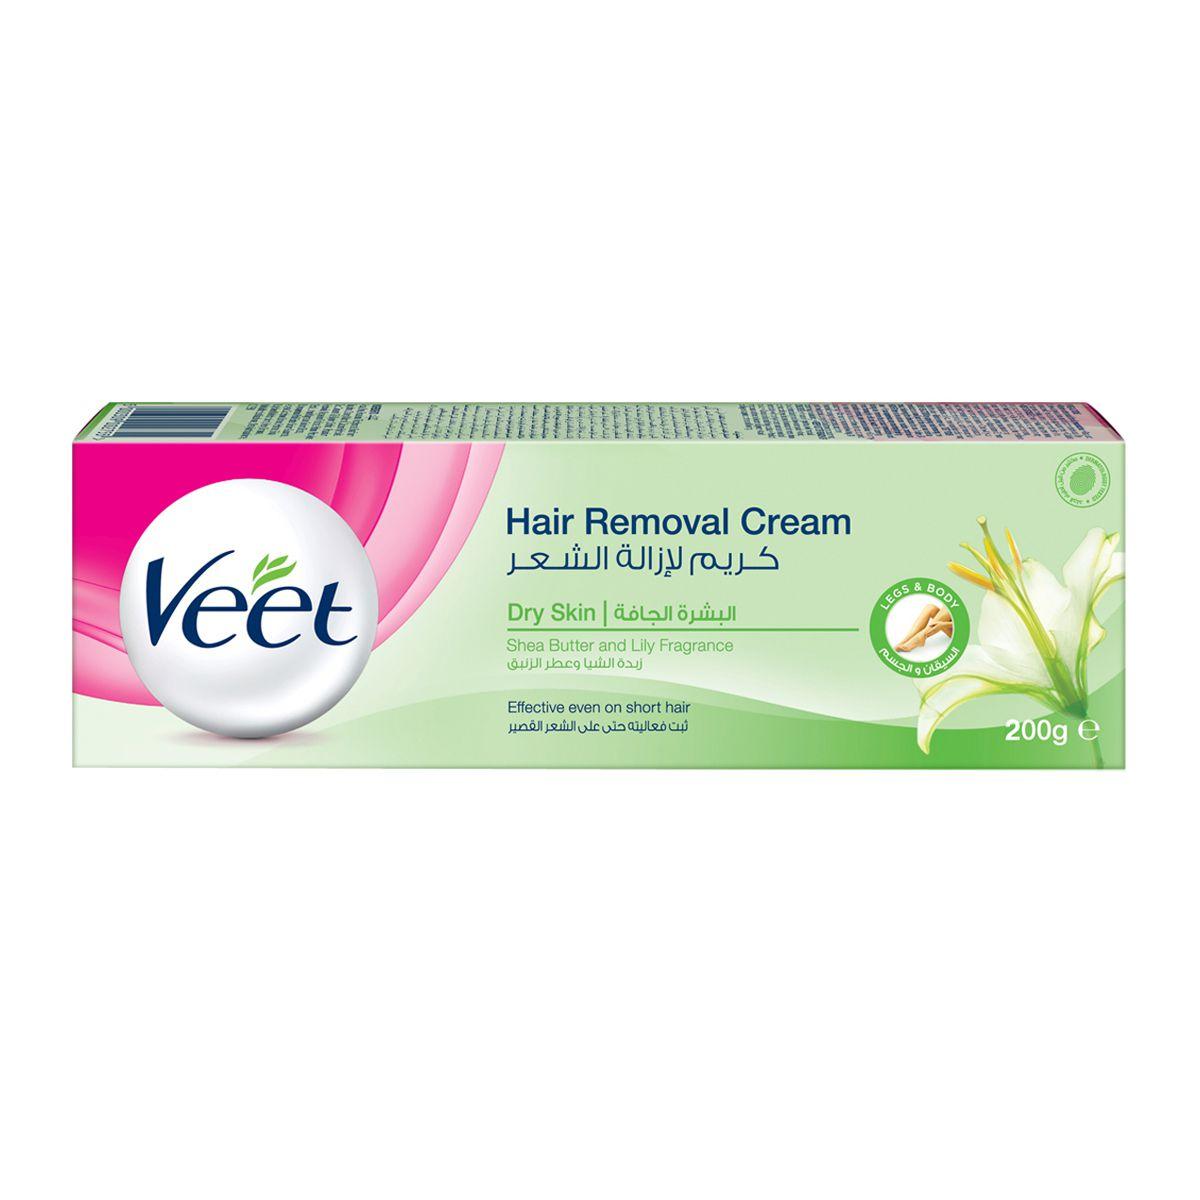 200g Veet Hair Remover Cream For Dry Skin Legs Body